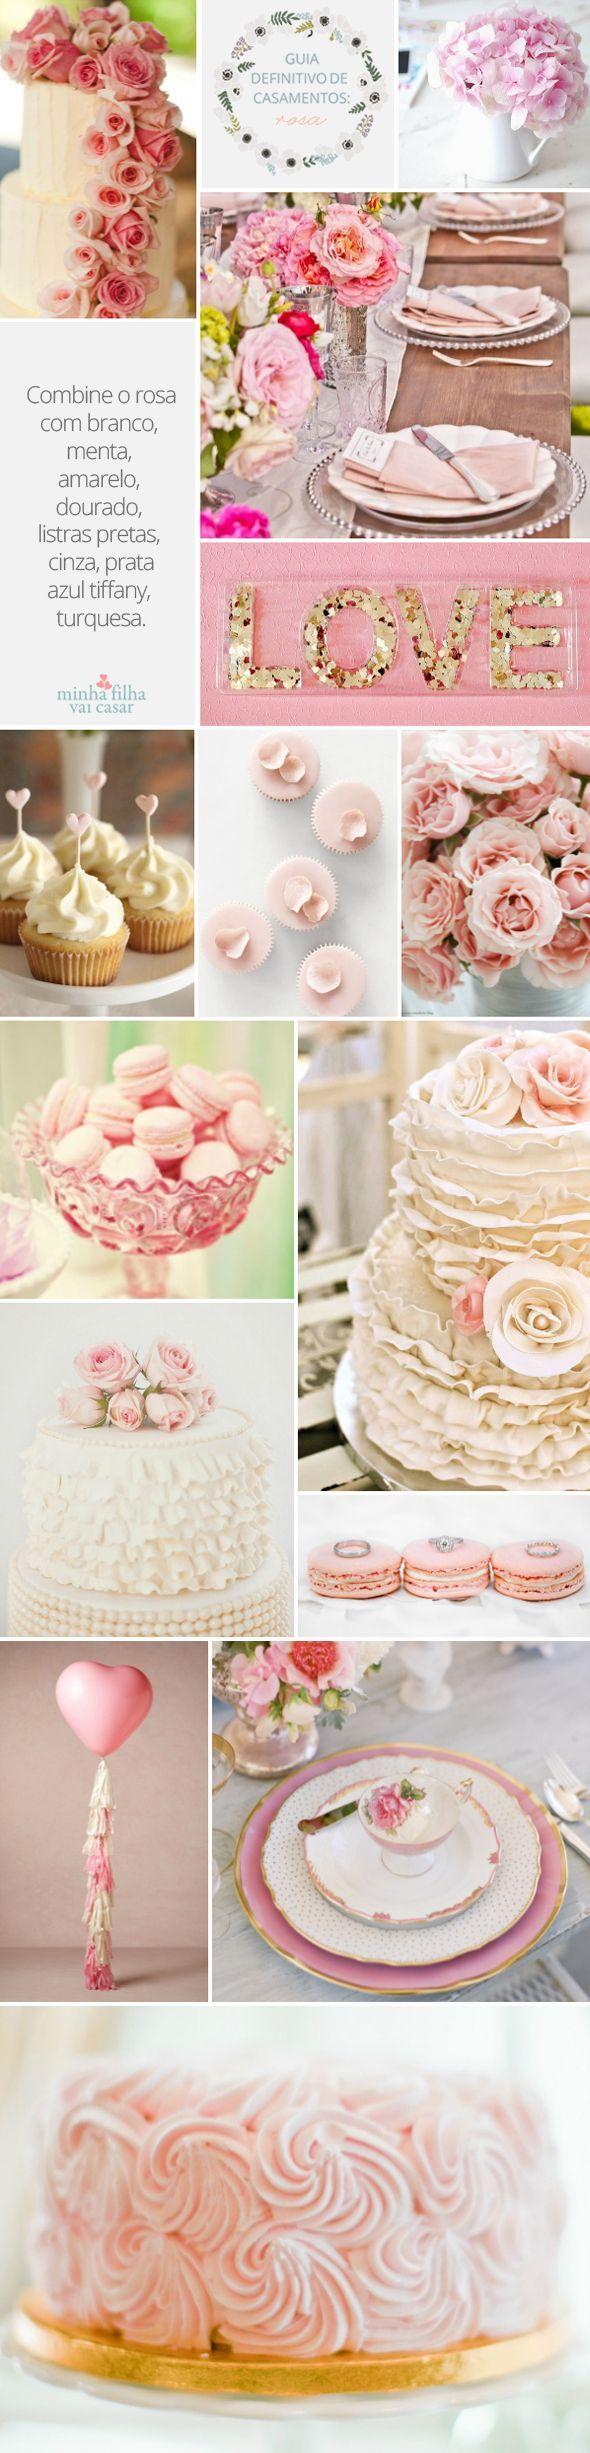 Porque el color rosa pastel puede protagonizar cada uno de los elementos de una boda